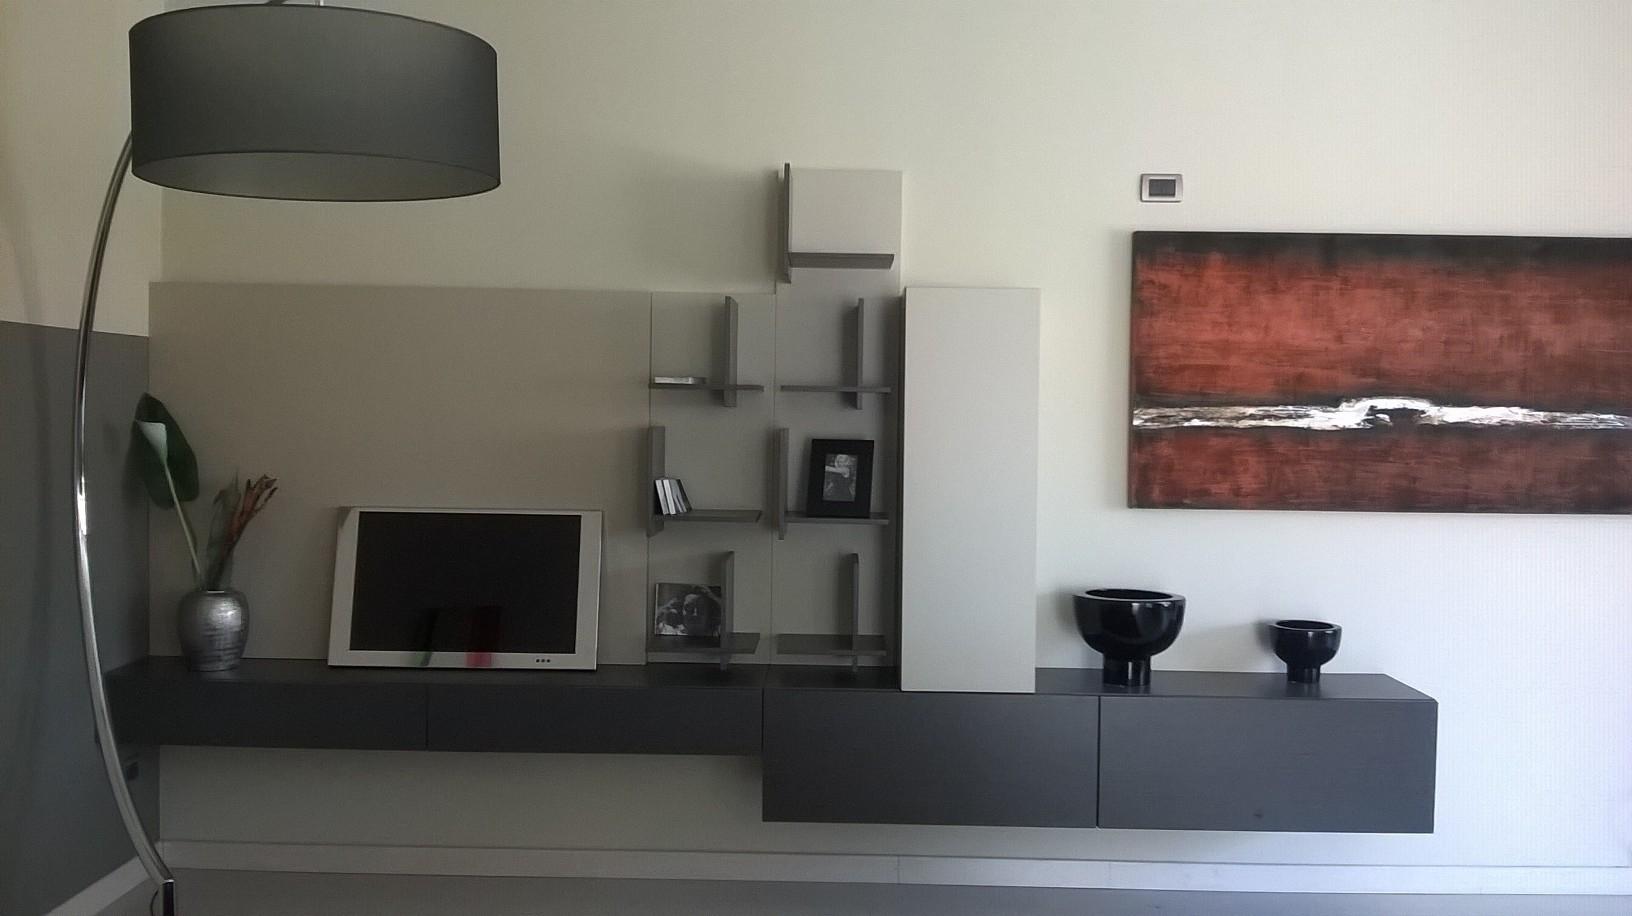 Tappeti pelosi moderni idee per il design della casa - Tappeti per soggiorno moderni ...